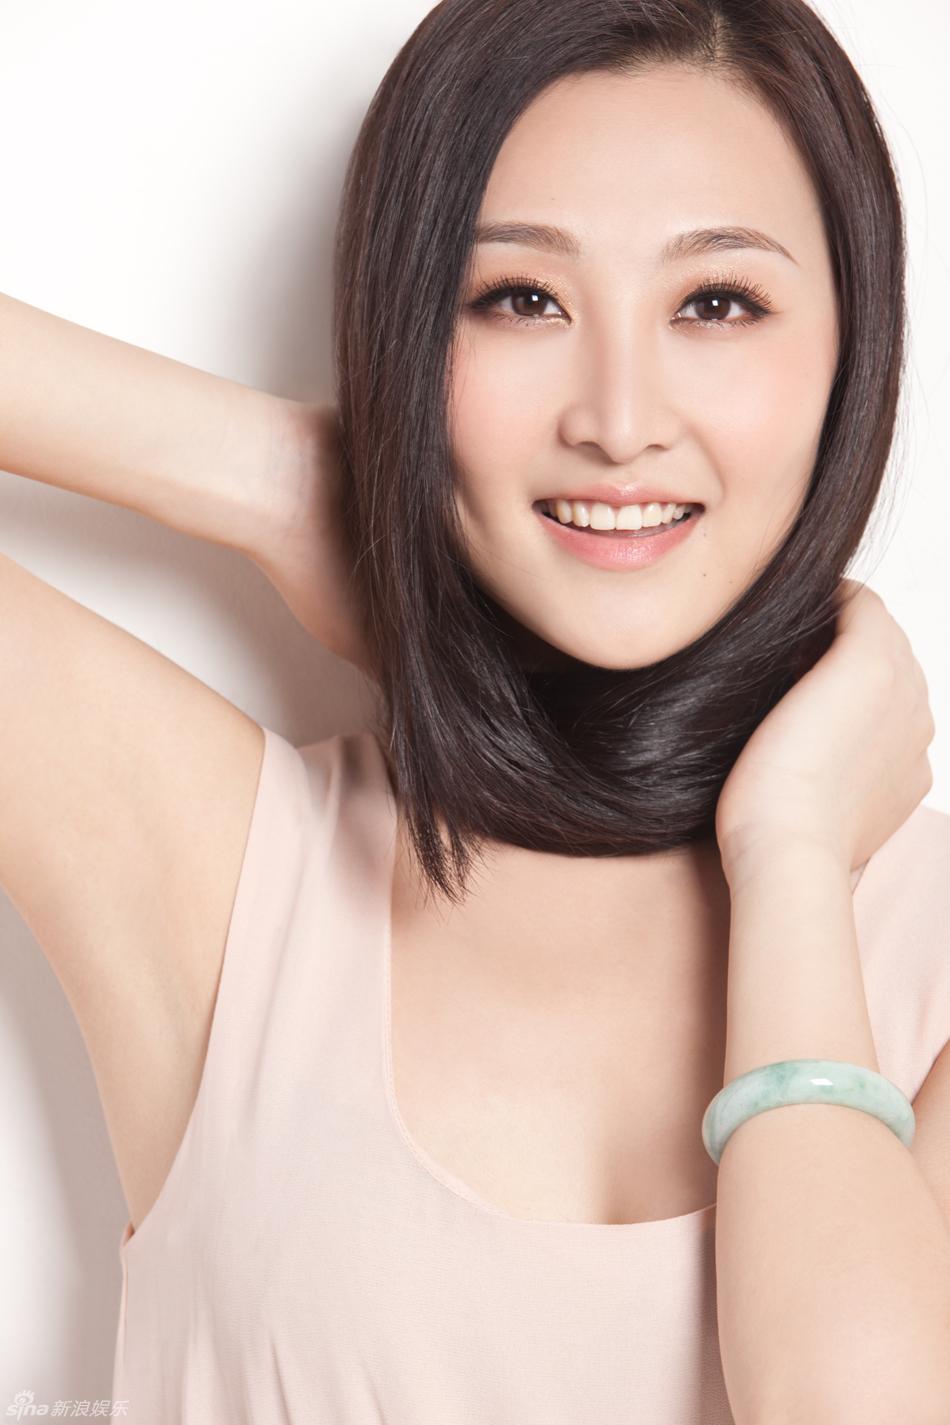 http://www.sinaimg.cn/dy/slidenews/4_img/2013_09/704_898378_309866.jpg